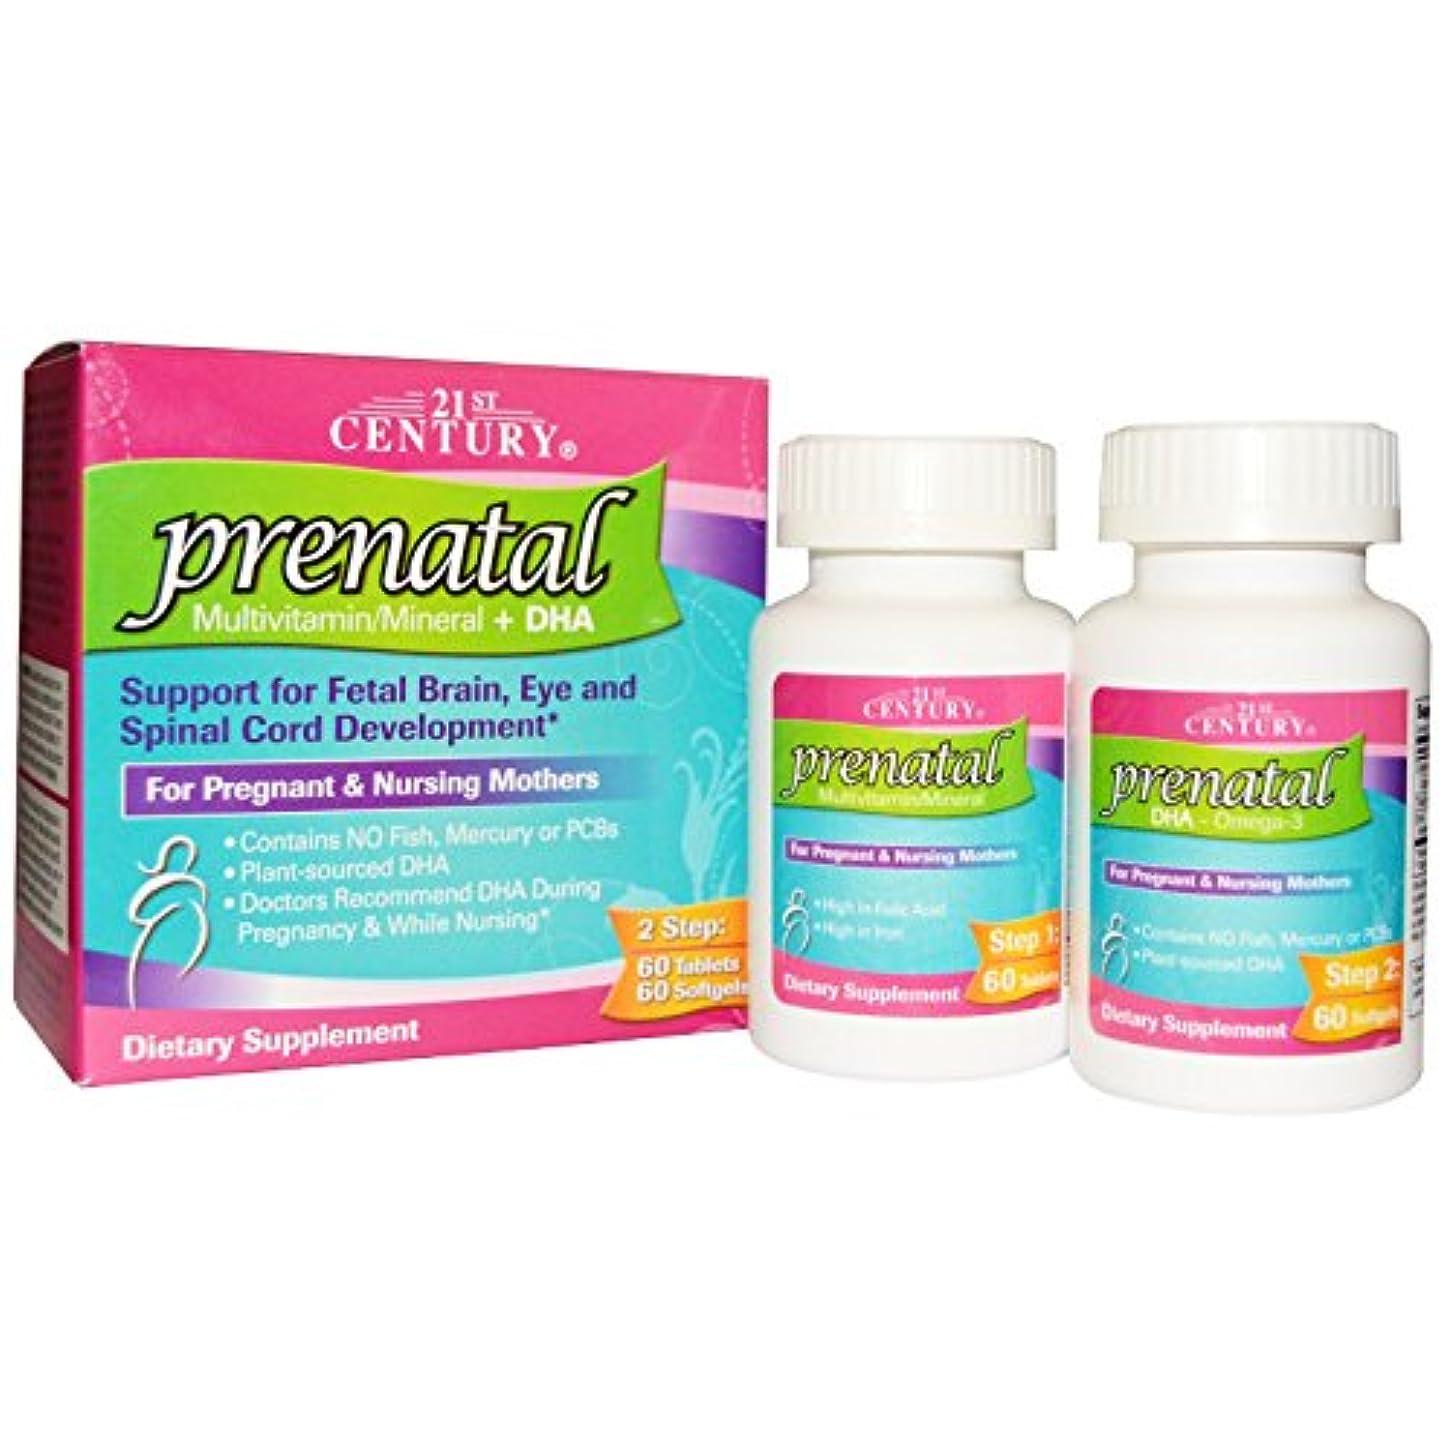 決定するスコットランド人うぬぼれ妊婦用 DHA、錠剤およびソフトジェル、120カウントの出生前のビタミン   Prenatal with DHA, Tablets and Softgels, 120-Count